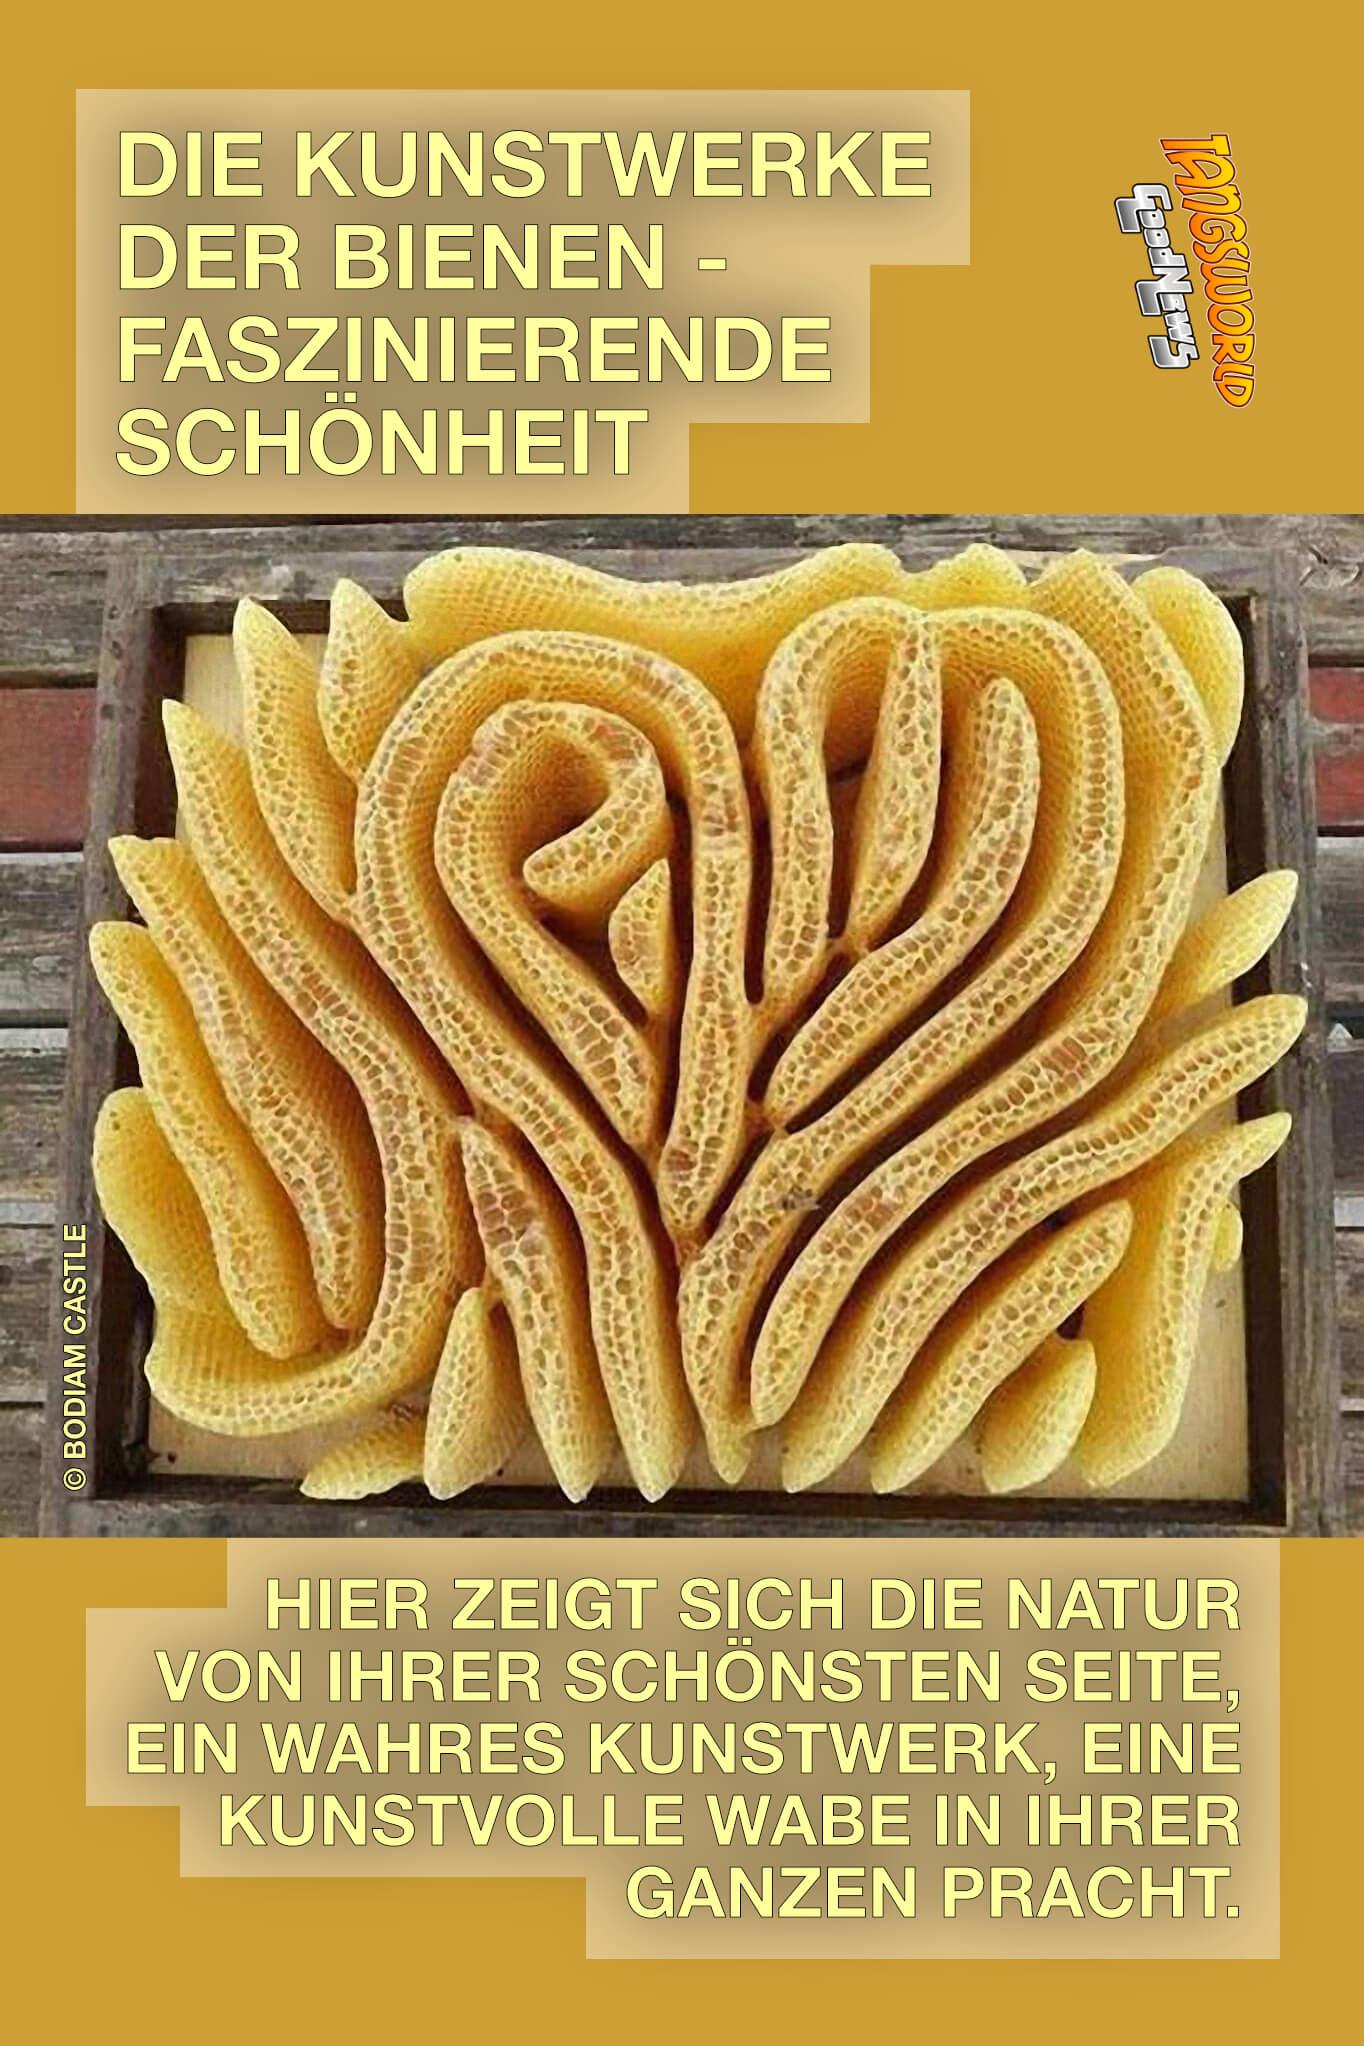 Die Waben-Kunstwerke der Bienen können absolut atemberaubend sein und dieses Herz-Labyrinth ist etwas ganz Besonderes. - GoodNews